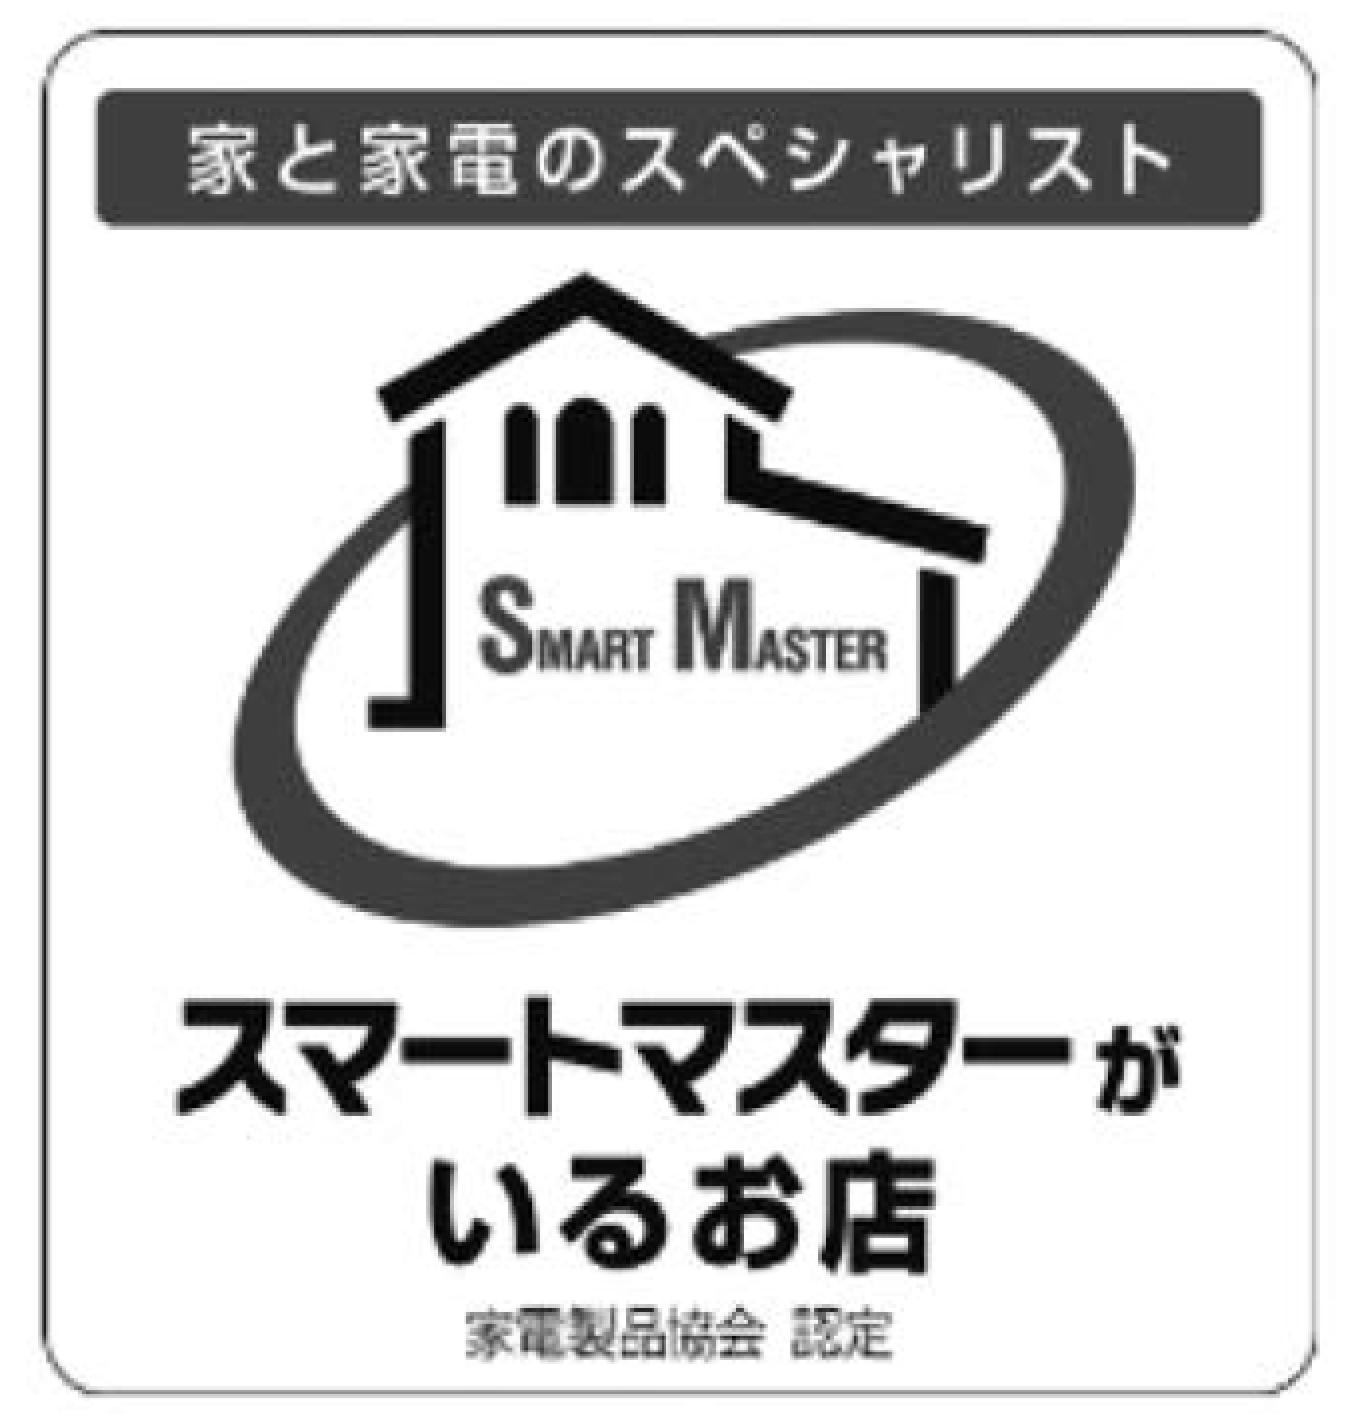 【家電製品協会】スマートマスター資格保有者計6420人にの画像